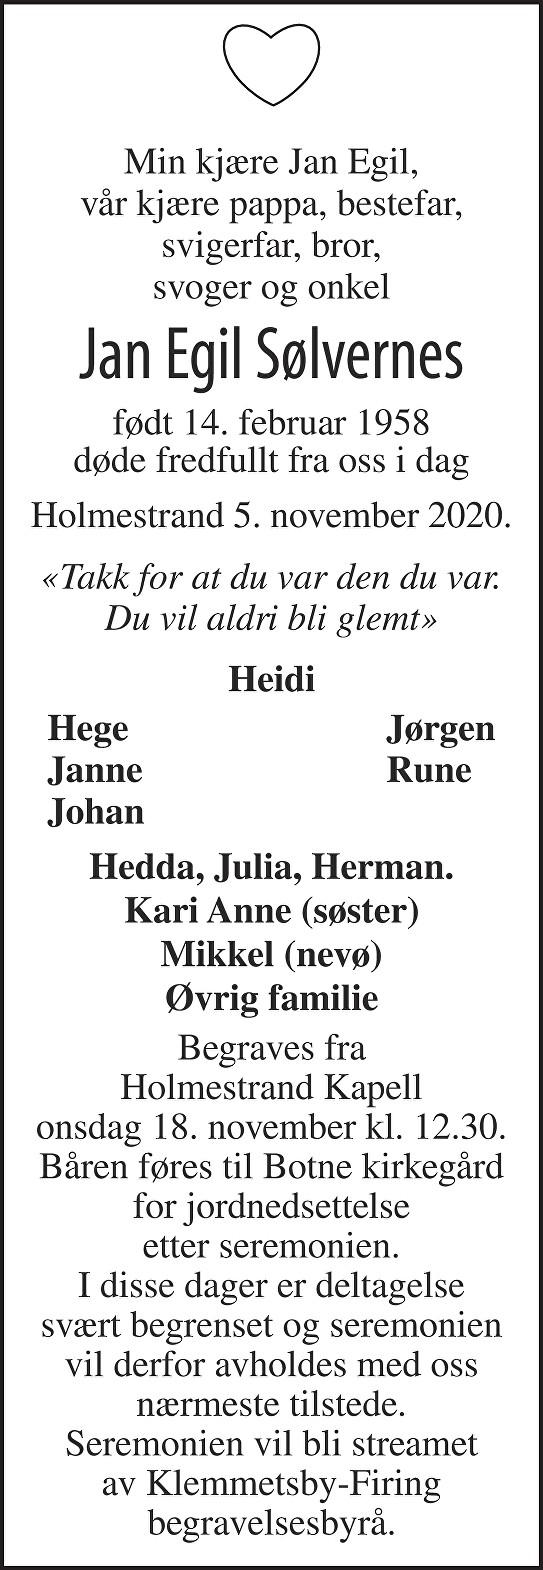 Jan Egil Sølvernes Dødsannonse